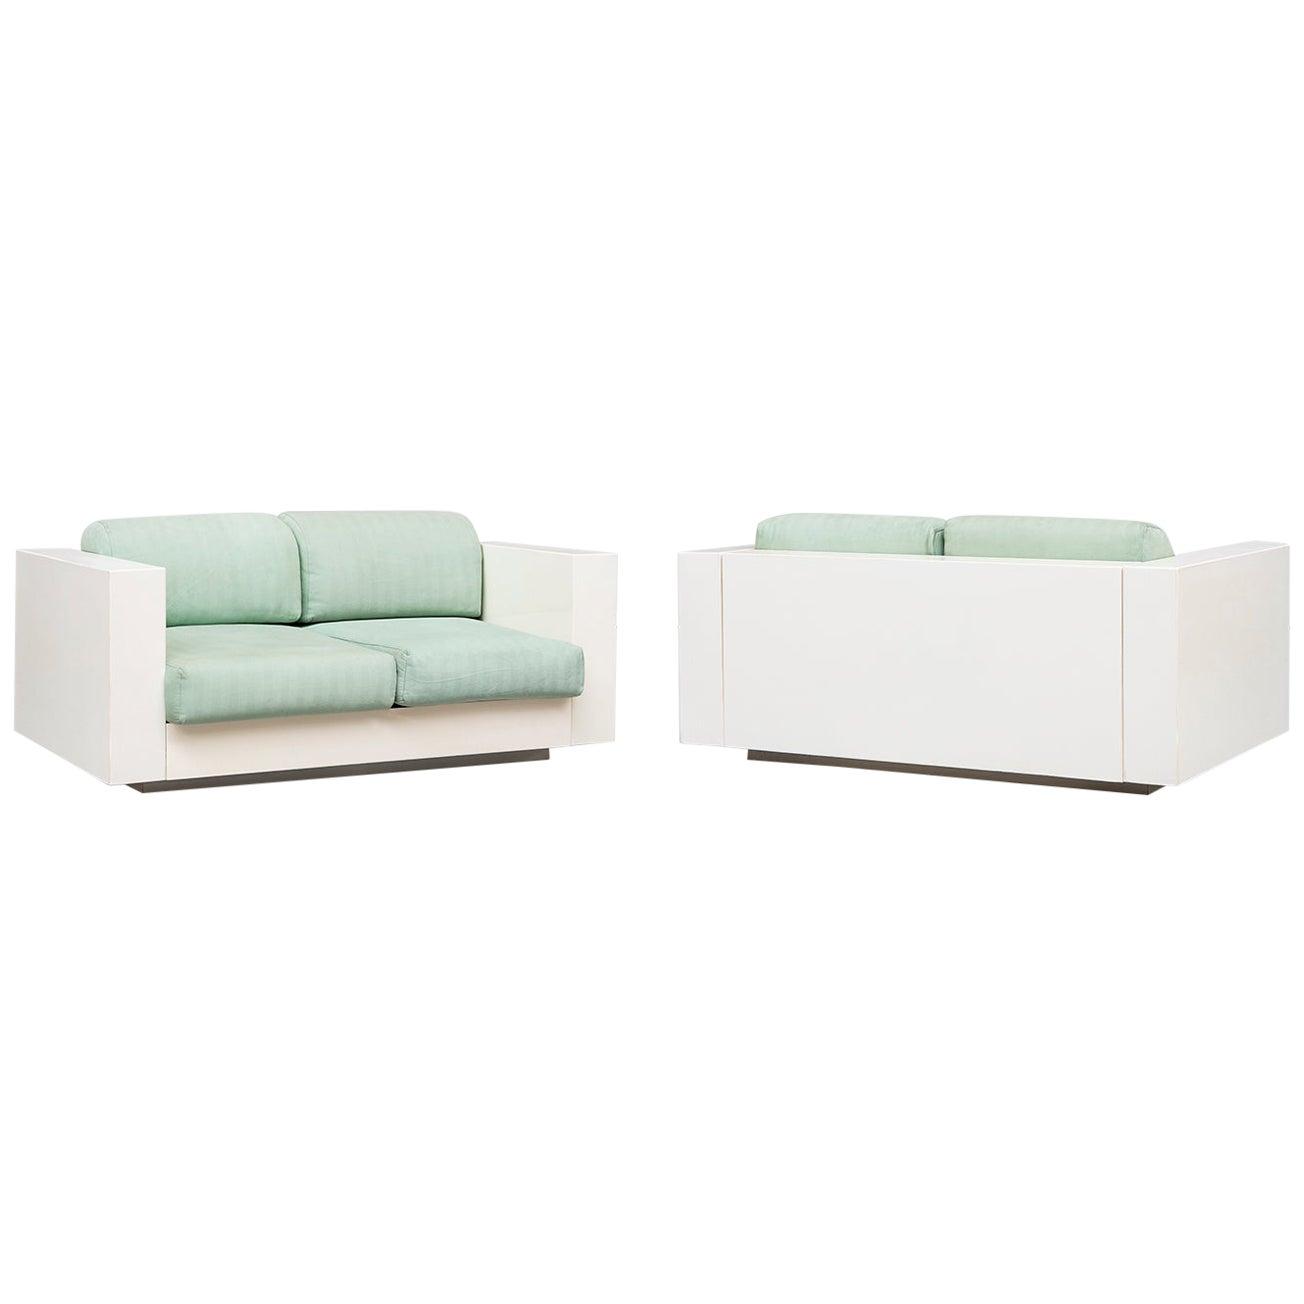 Italian Two-Seat Saratoga Sofas, by Vignelli Associates for Poltronova, 1964